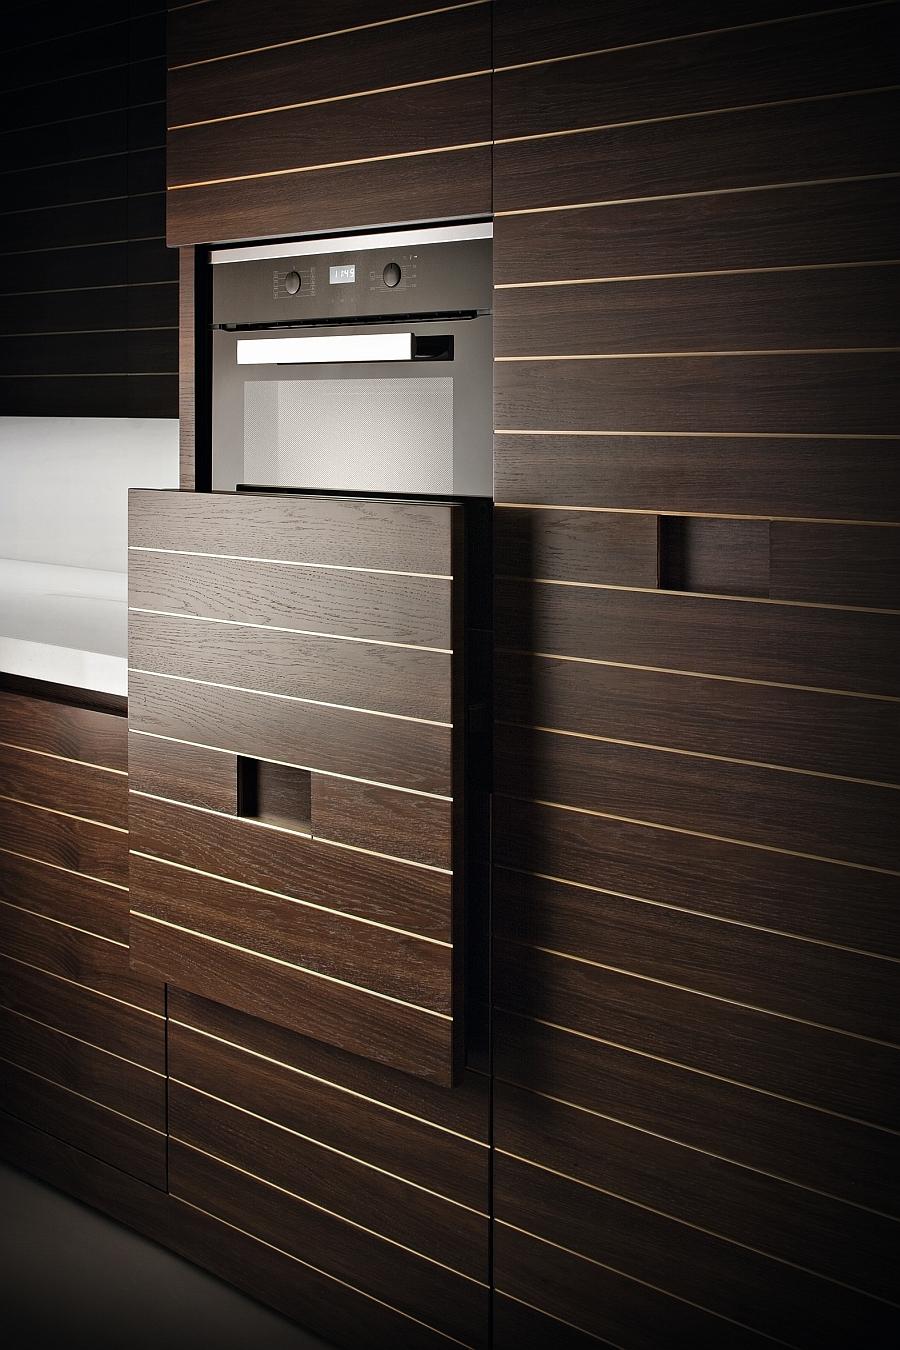 Unique vertical sliding system that hides away kitchen appliances